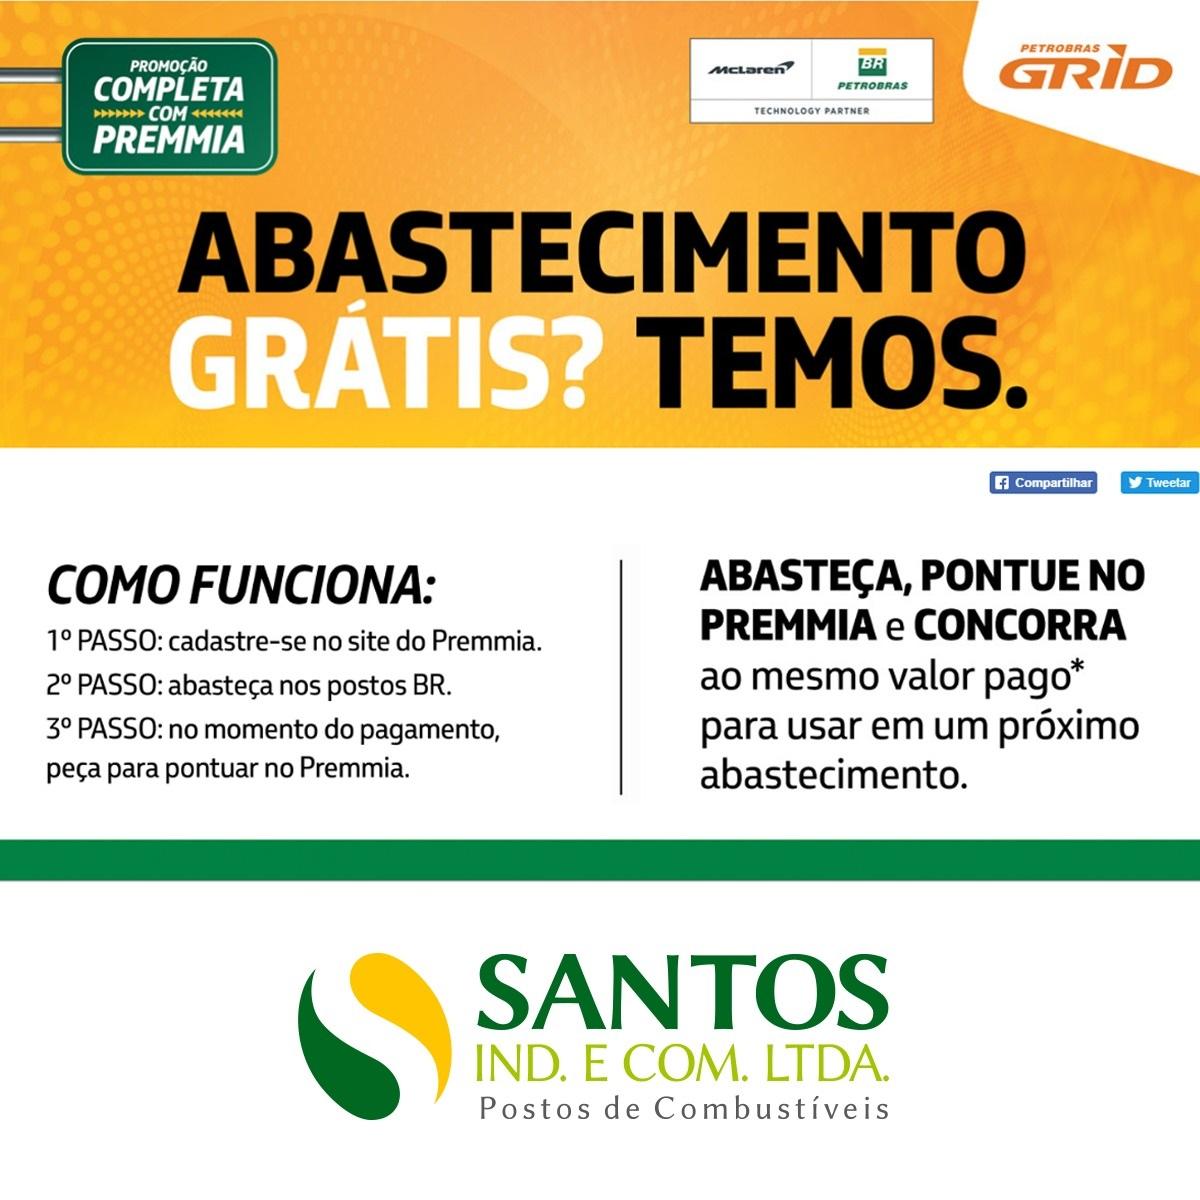 Concorra a abastecimento grátis nos Postos Santos Ltda